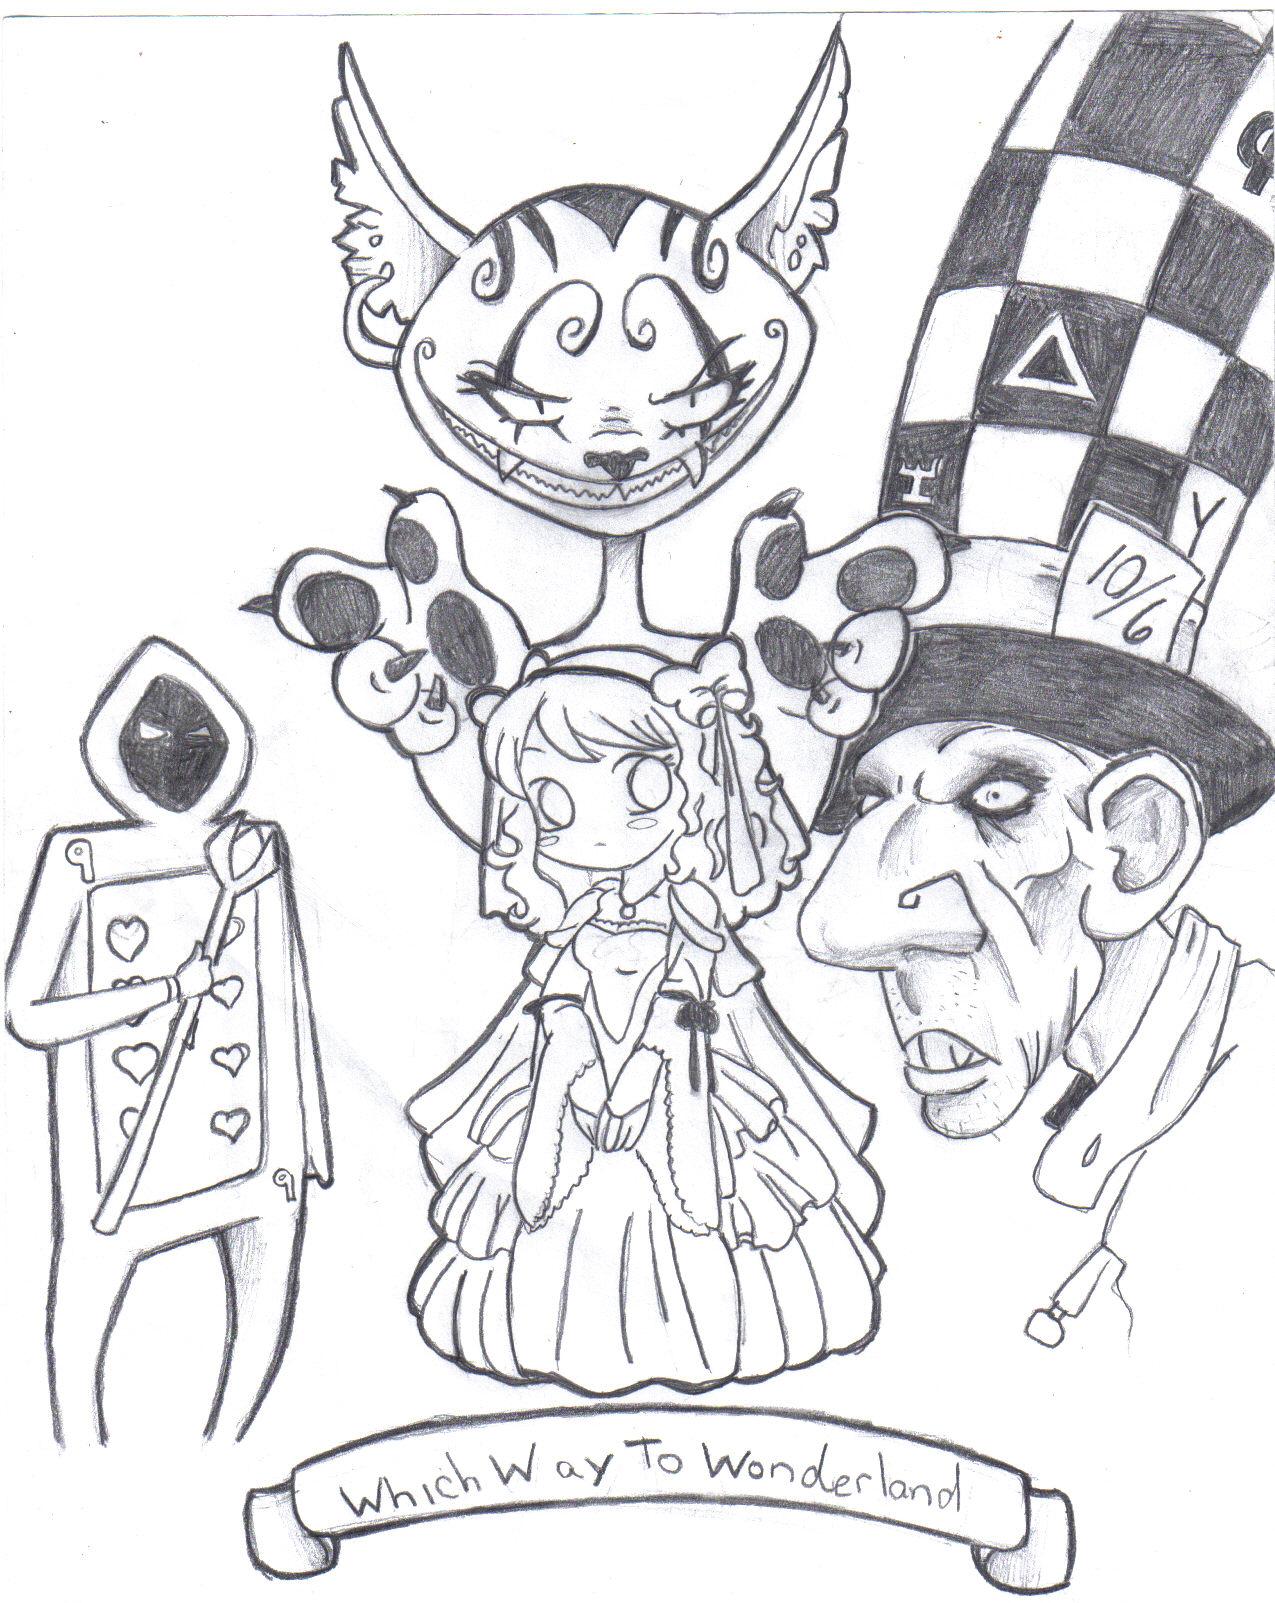 Which Way To Wonderland by 2hot4u123